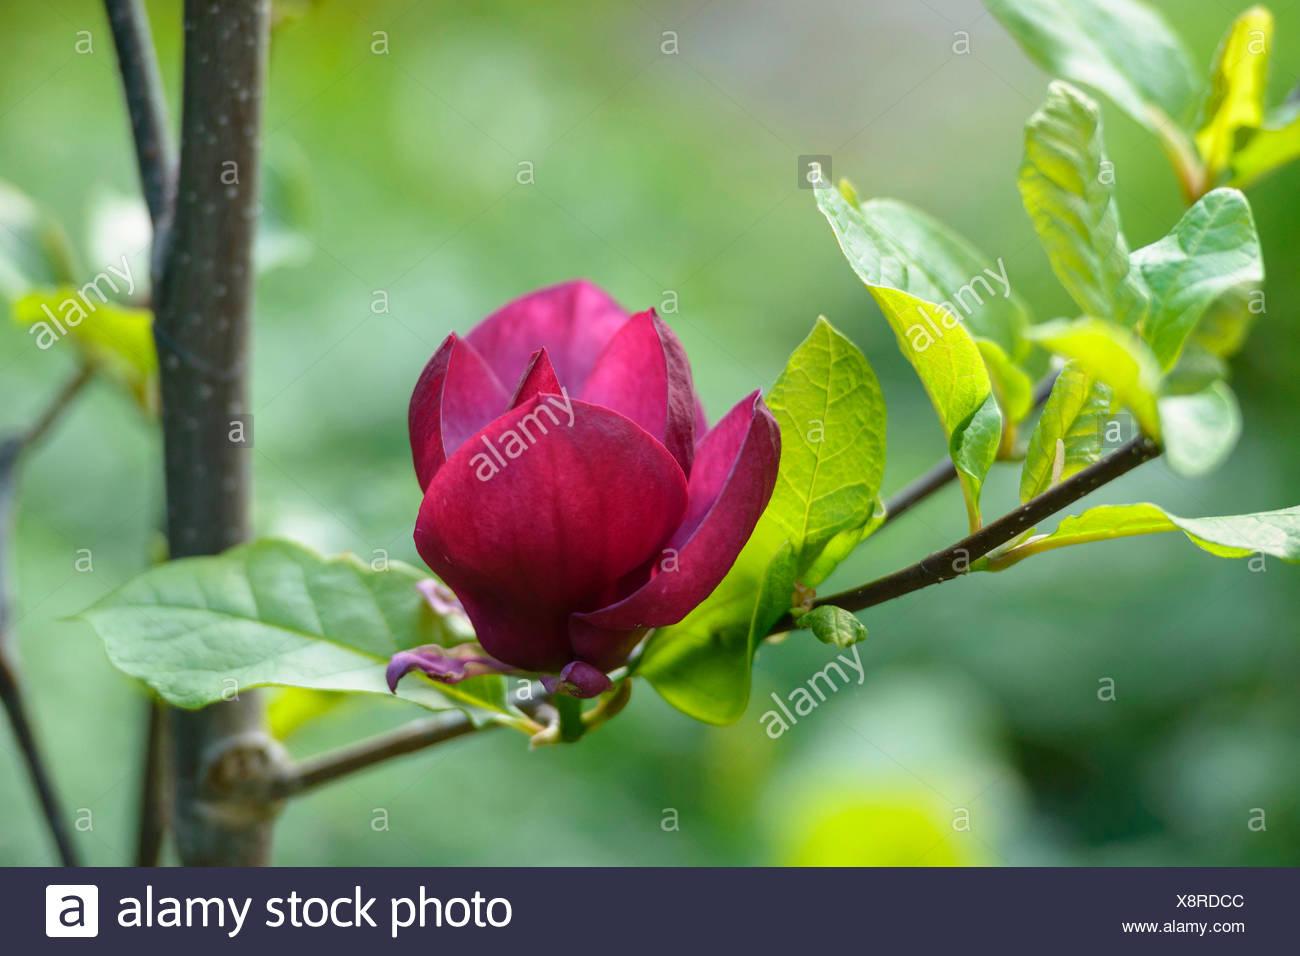 saucer magnolia (Magnolia soulangiana 'Genie', Magnolia soulangiana Genie, Magnolia x soulangiana, Magnolia x soulangeana, Magnolia soulangeana), cultivar Genie, Germany - Stock Image